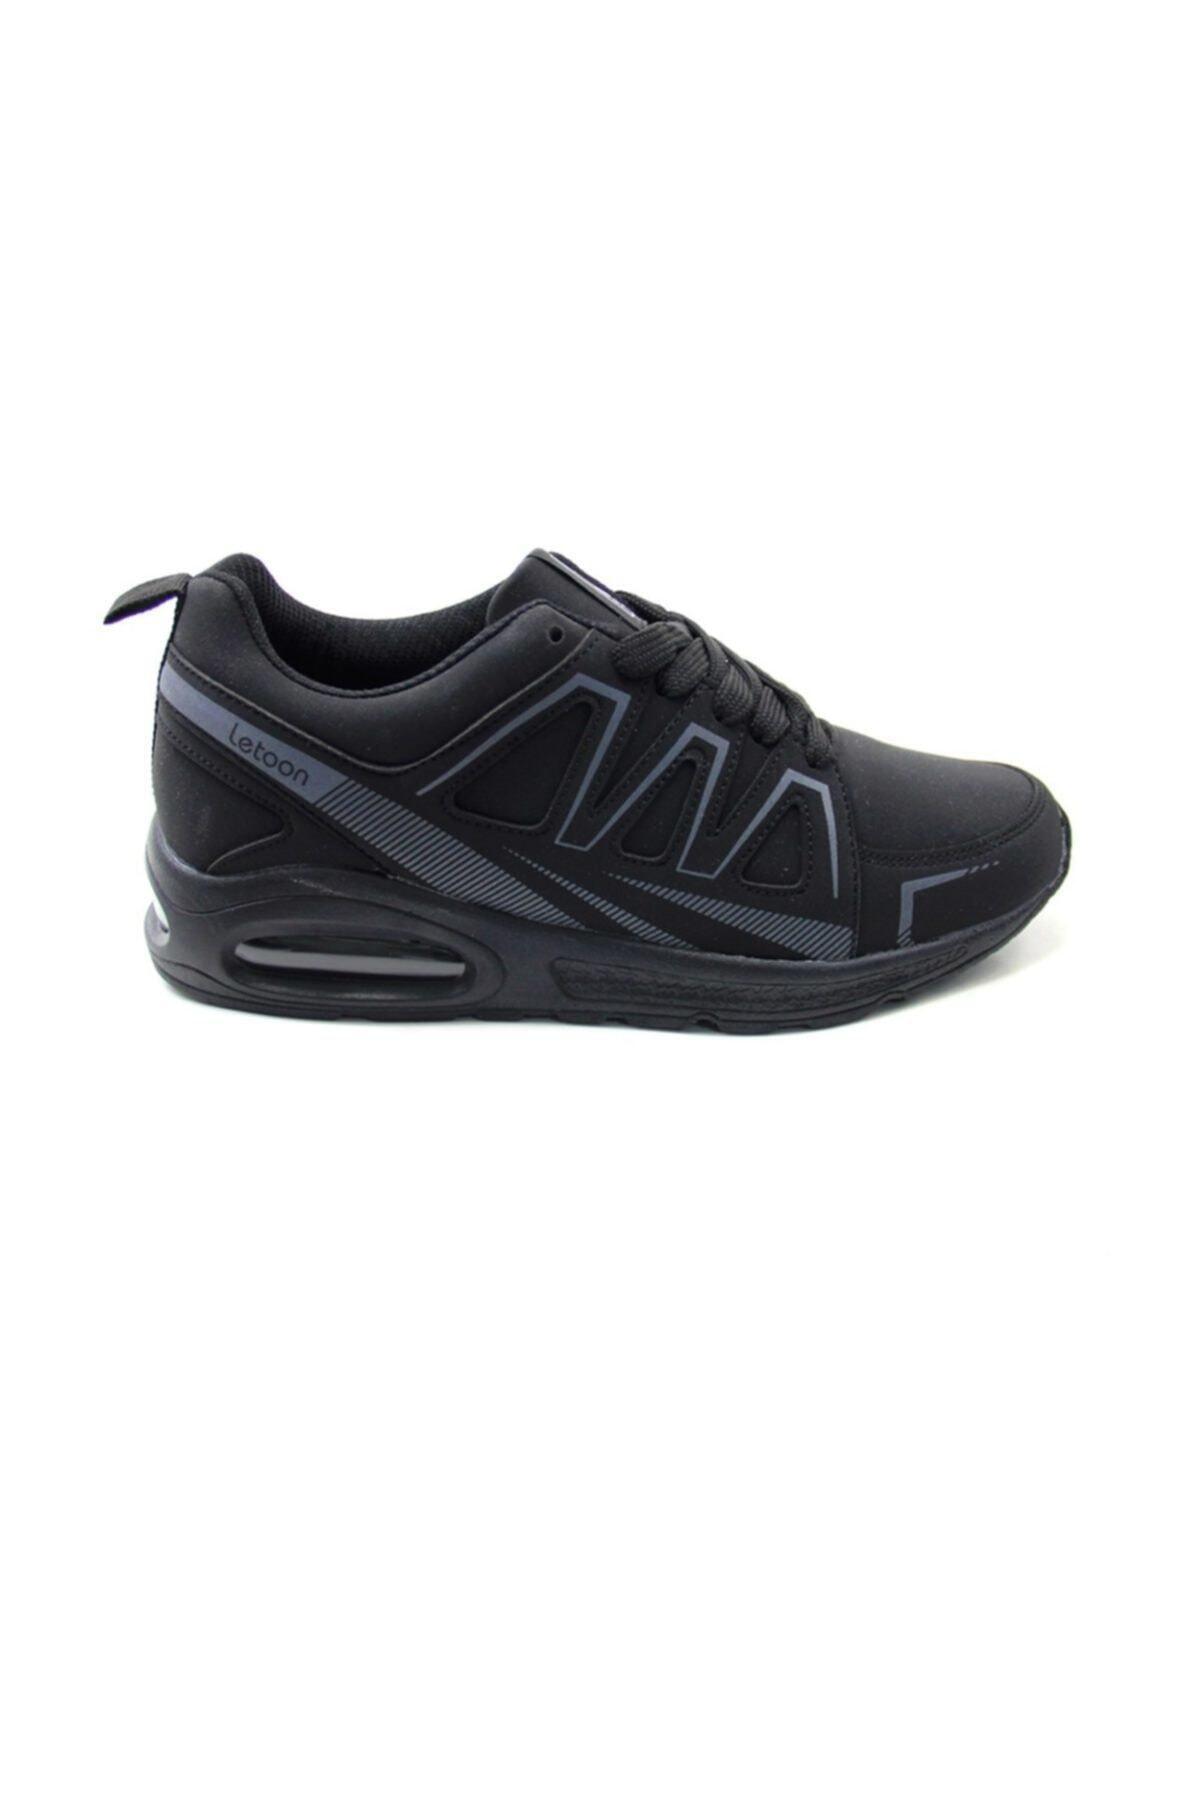 LETOON Erkek Airmax Spor Ayakkabı 5008 2